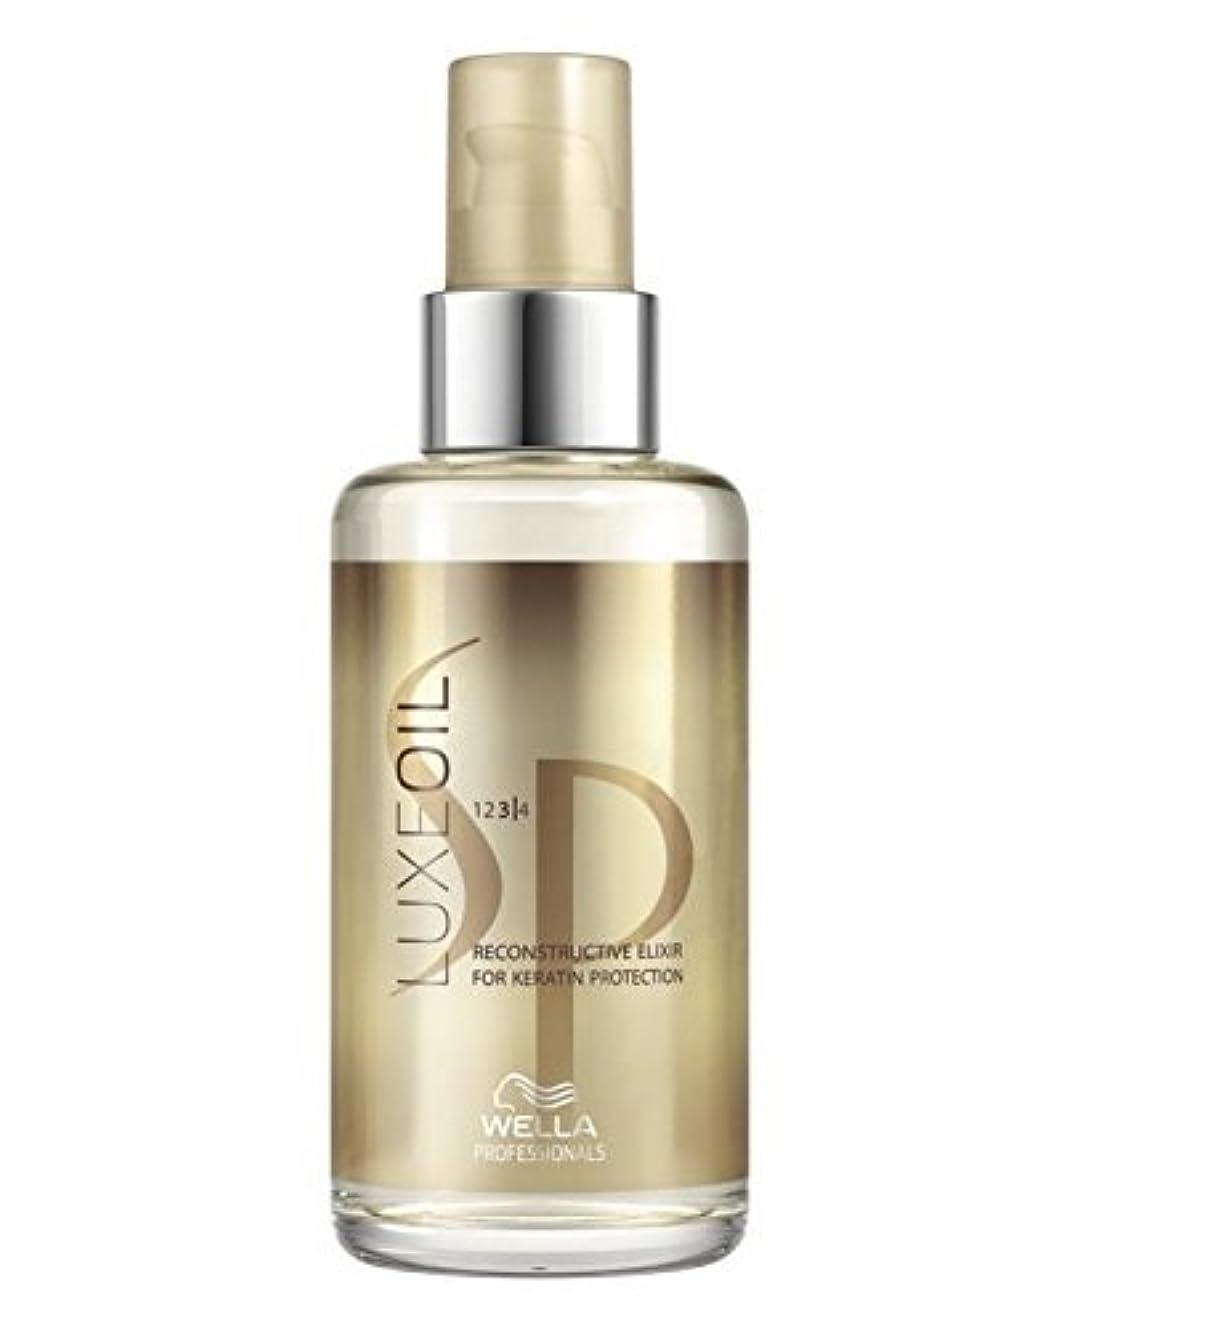 透過性埋め込むレタスSP by Wella Luxe Hair Oil Reconstructive Elixir 100ml by Wella [並行輸入品]